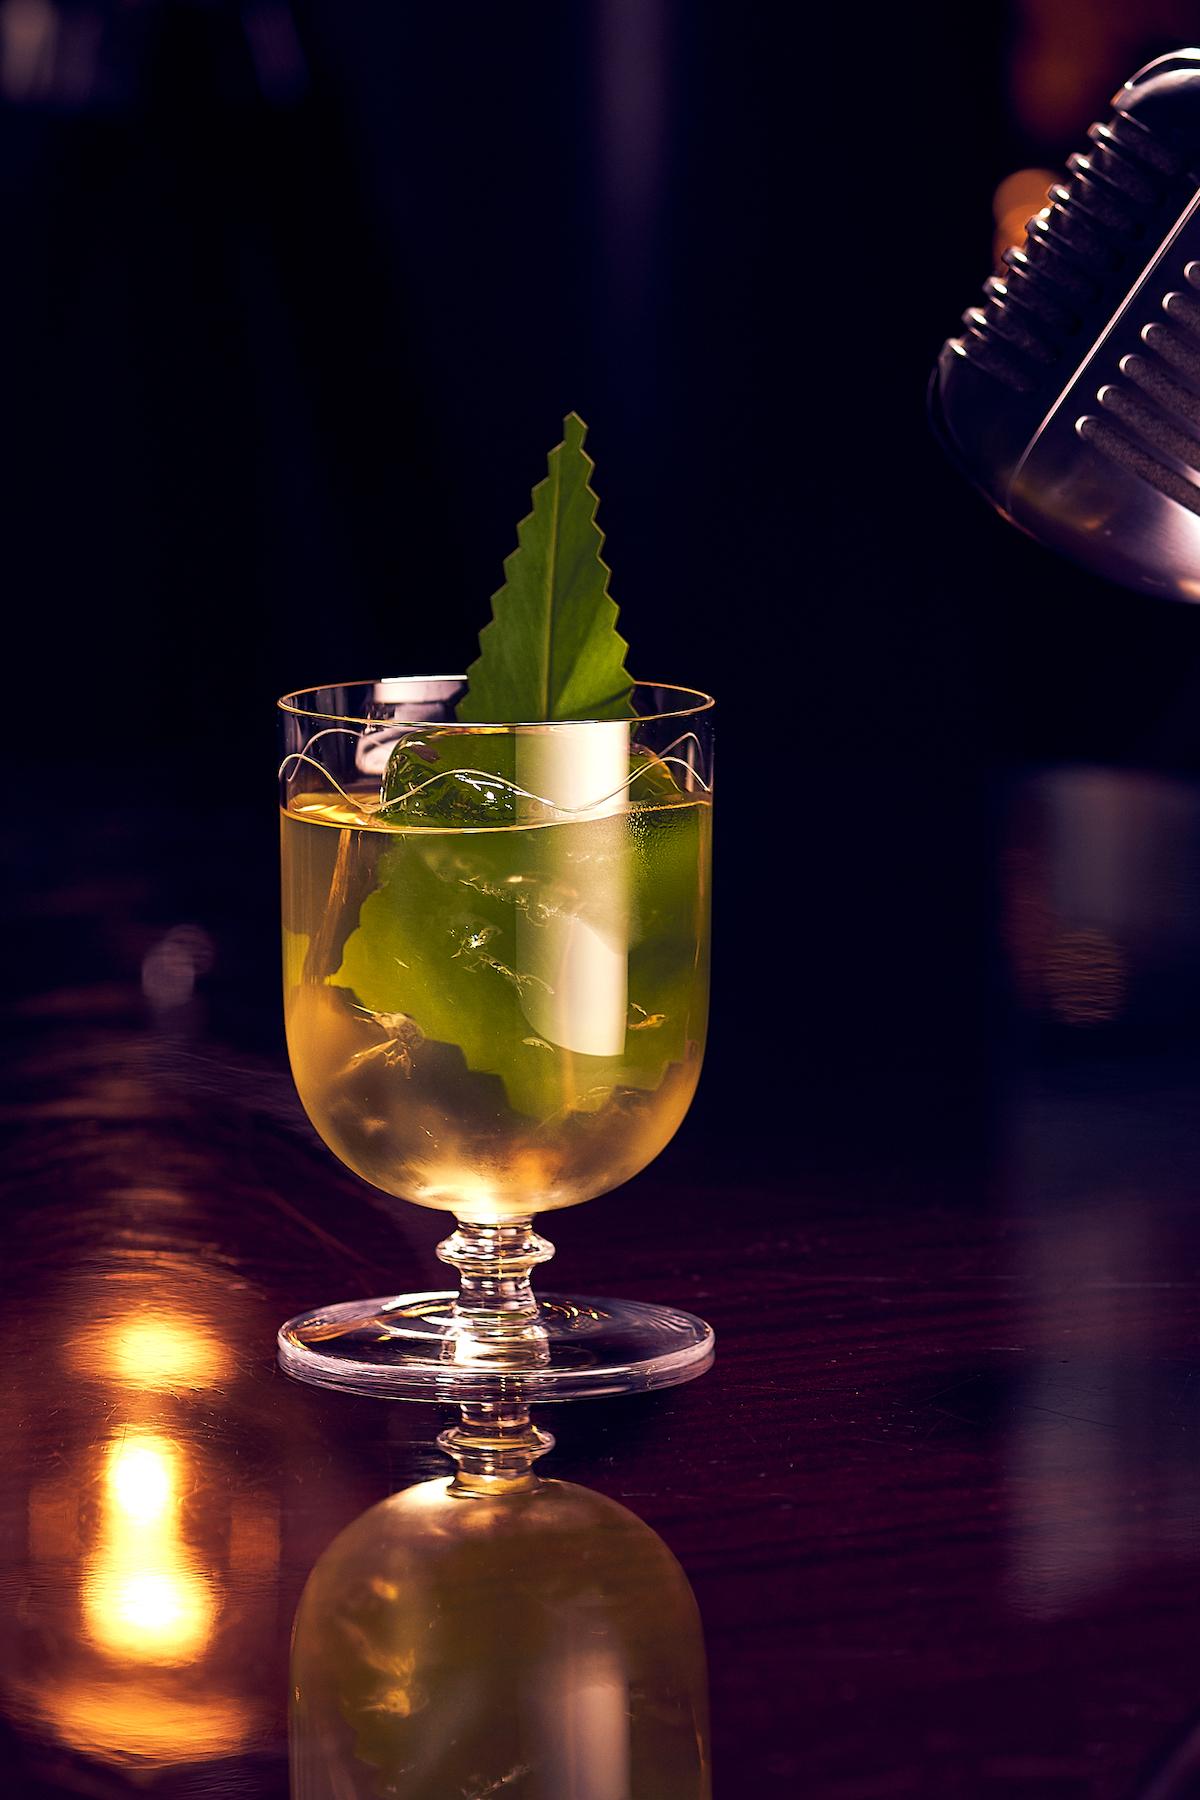 Cocktail Photo Soul Portrait